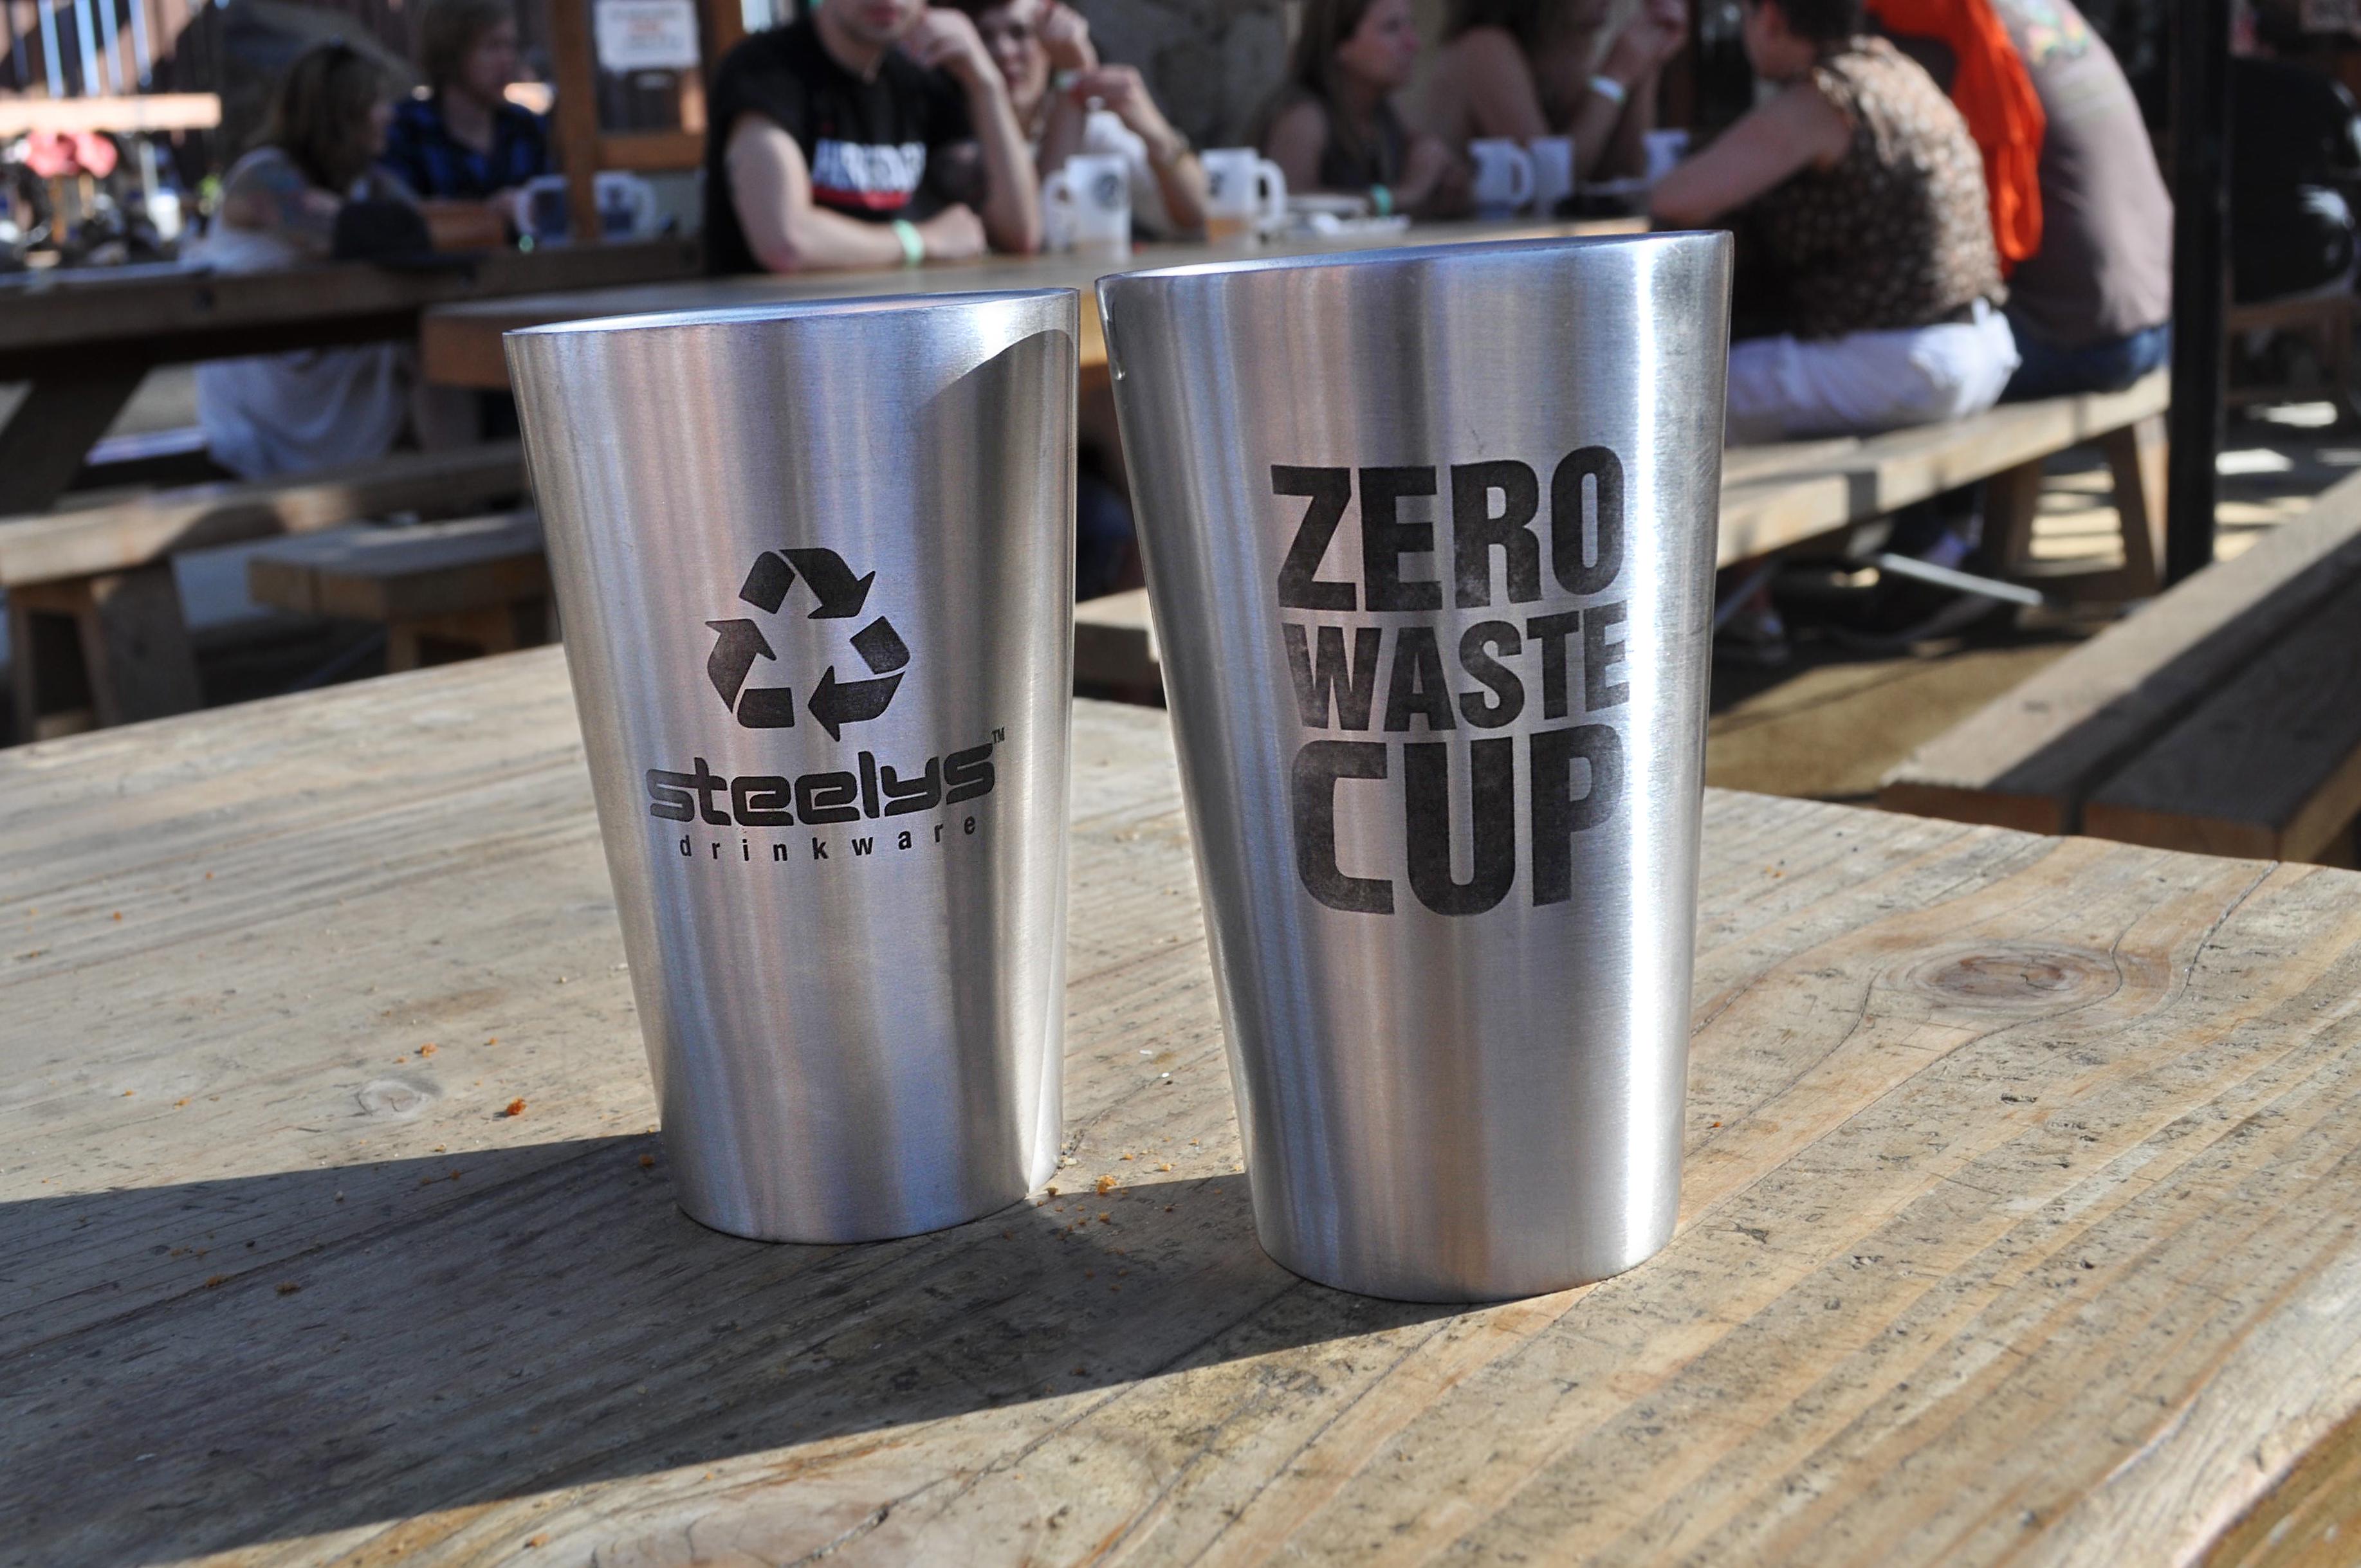 Stainless Steel Cup Steelys Drinkware